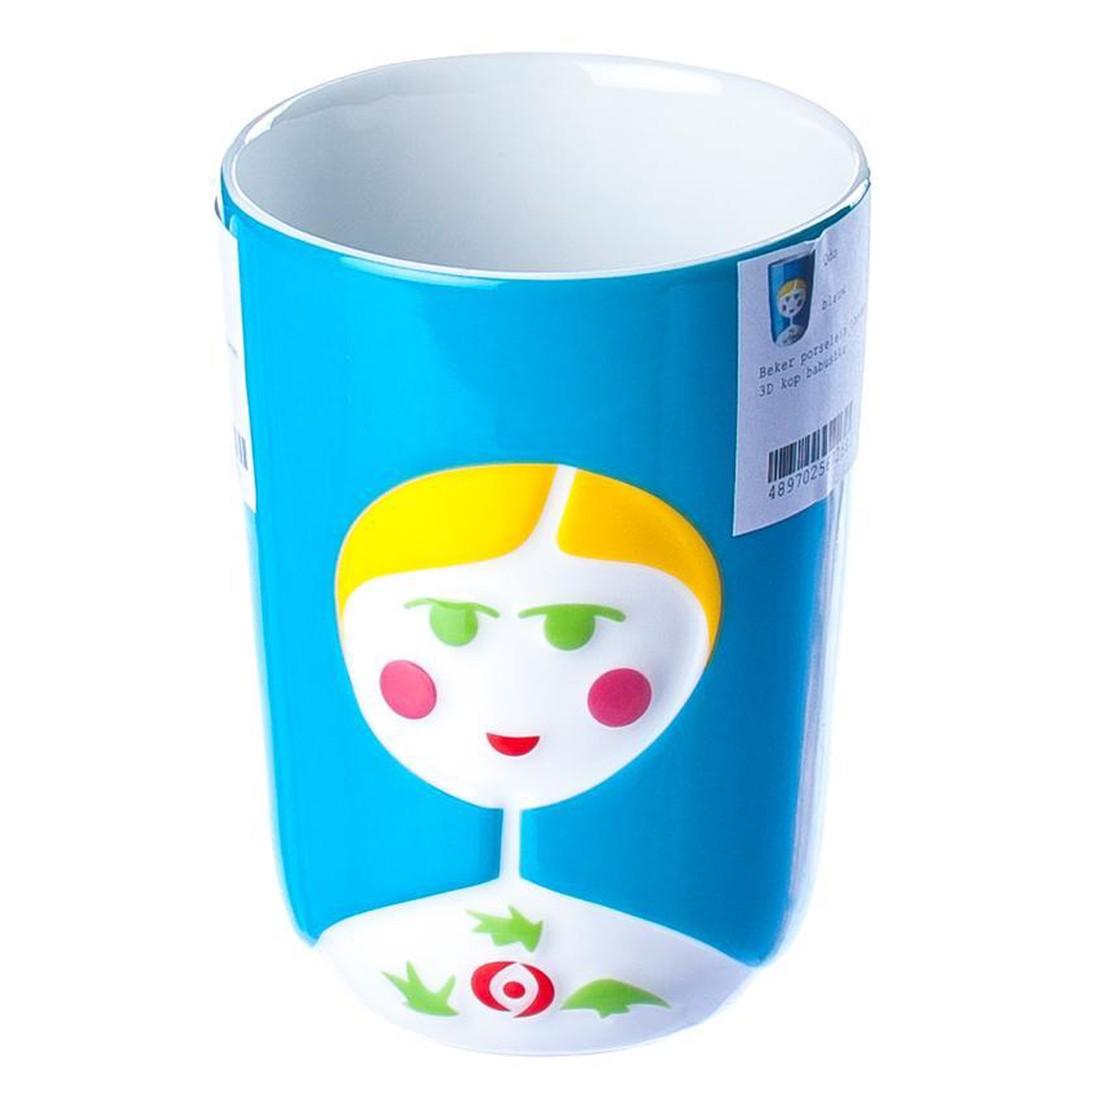 Thermobecher 3D-Tasse Babuschka – Porzellan – Blau, Qdo günstig bestellen